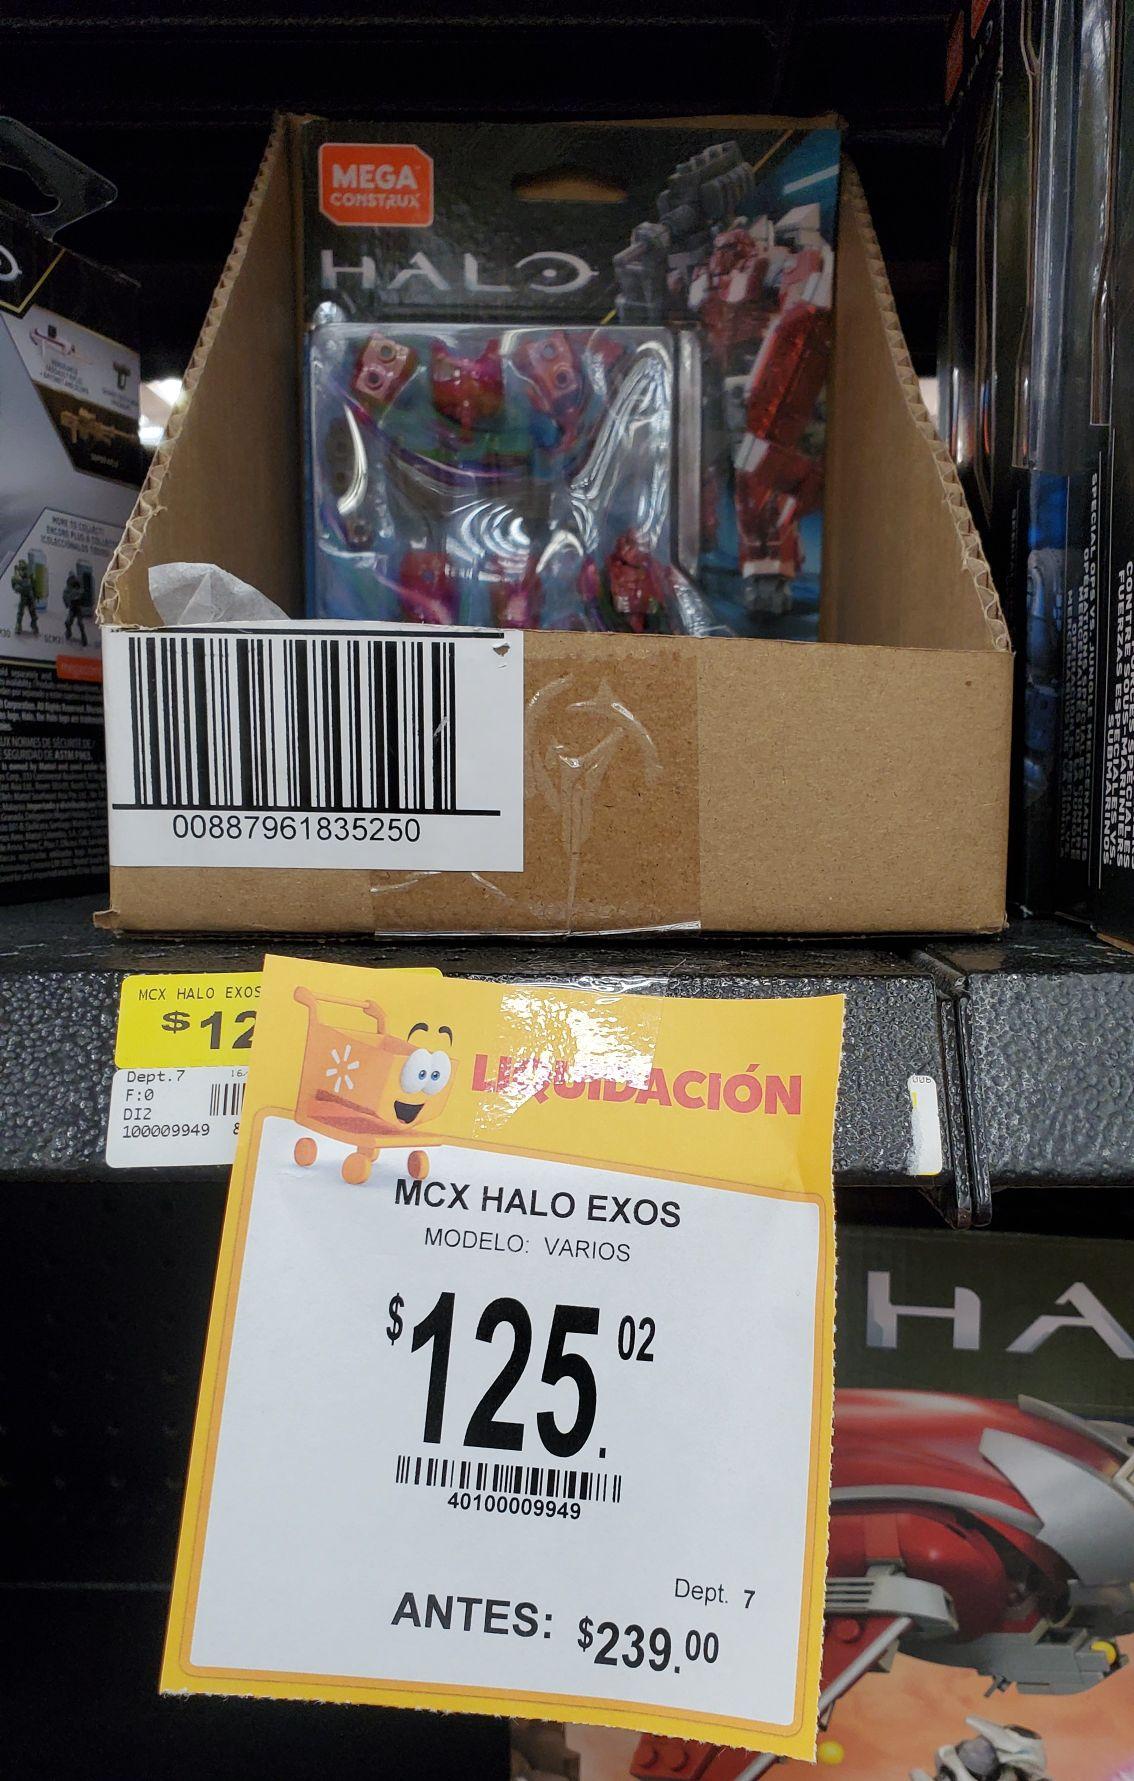 Walmart: Halo Exosqueletos Megaconstrux